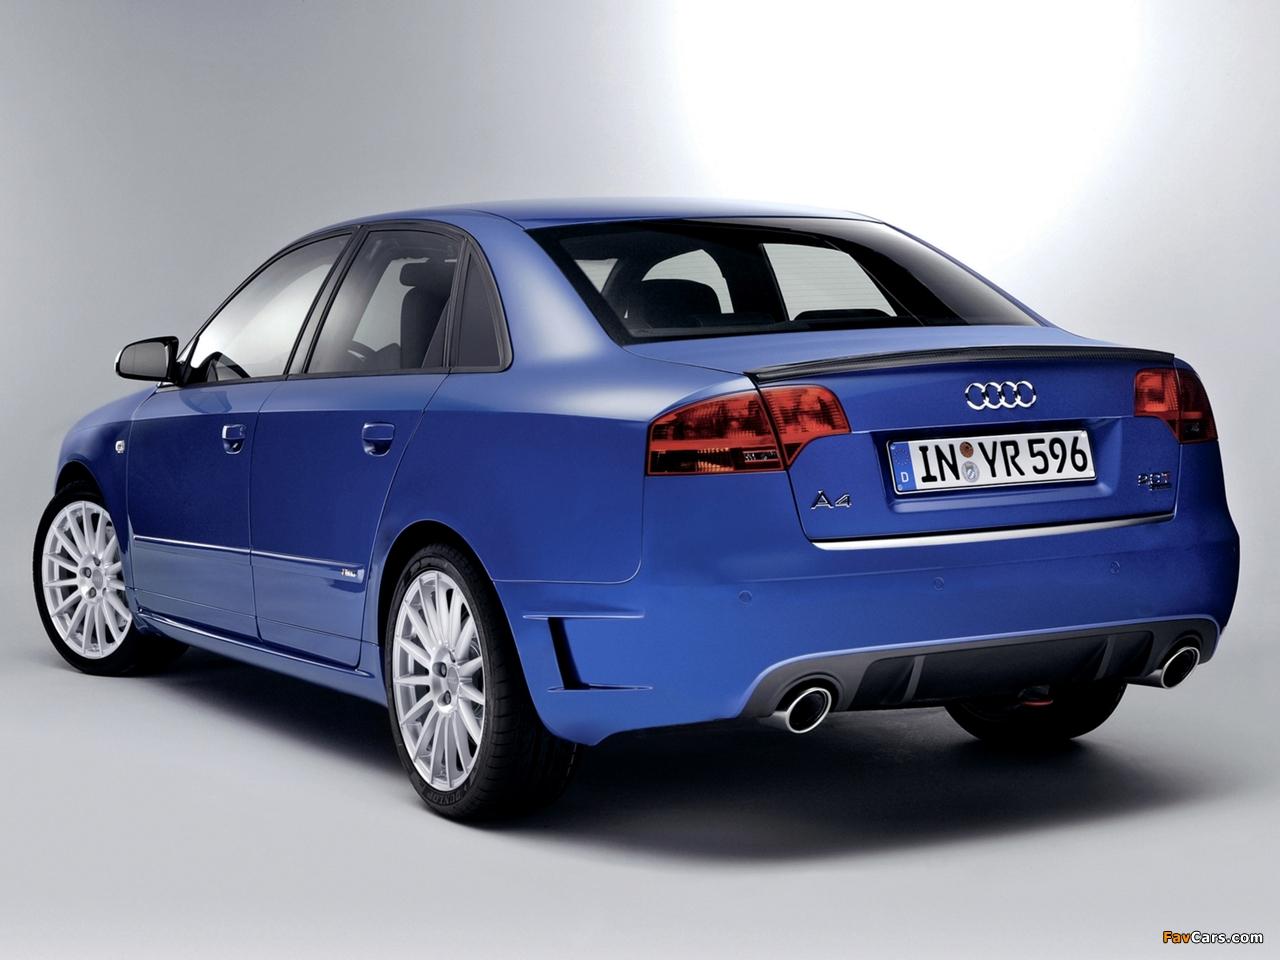 Audi A4 DTM Edition B7,8E (2005–2007) pictures (1280x960)